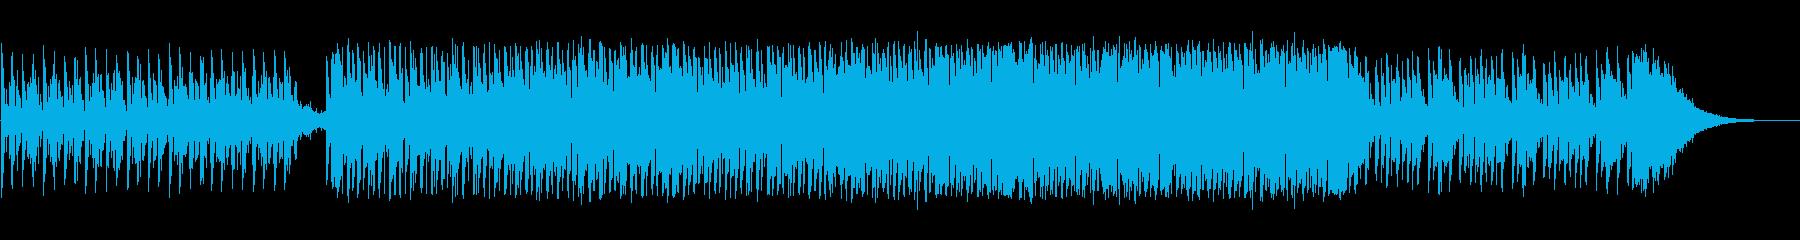 アップテンポなシンセミュージックの再生済みの波形